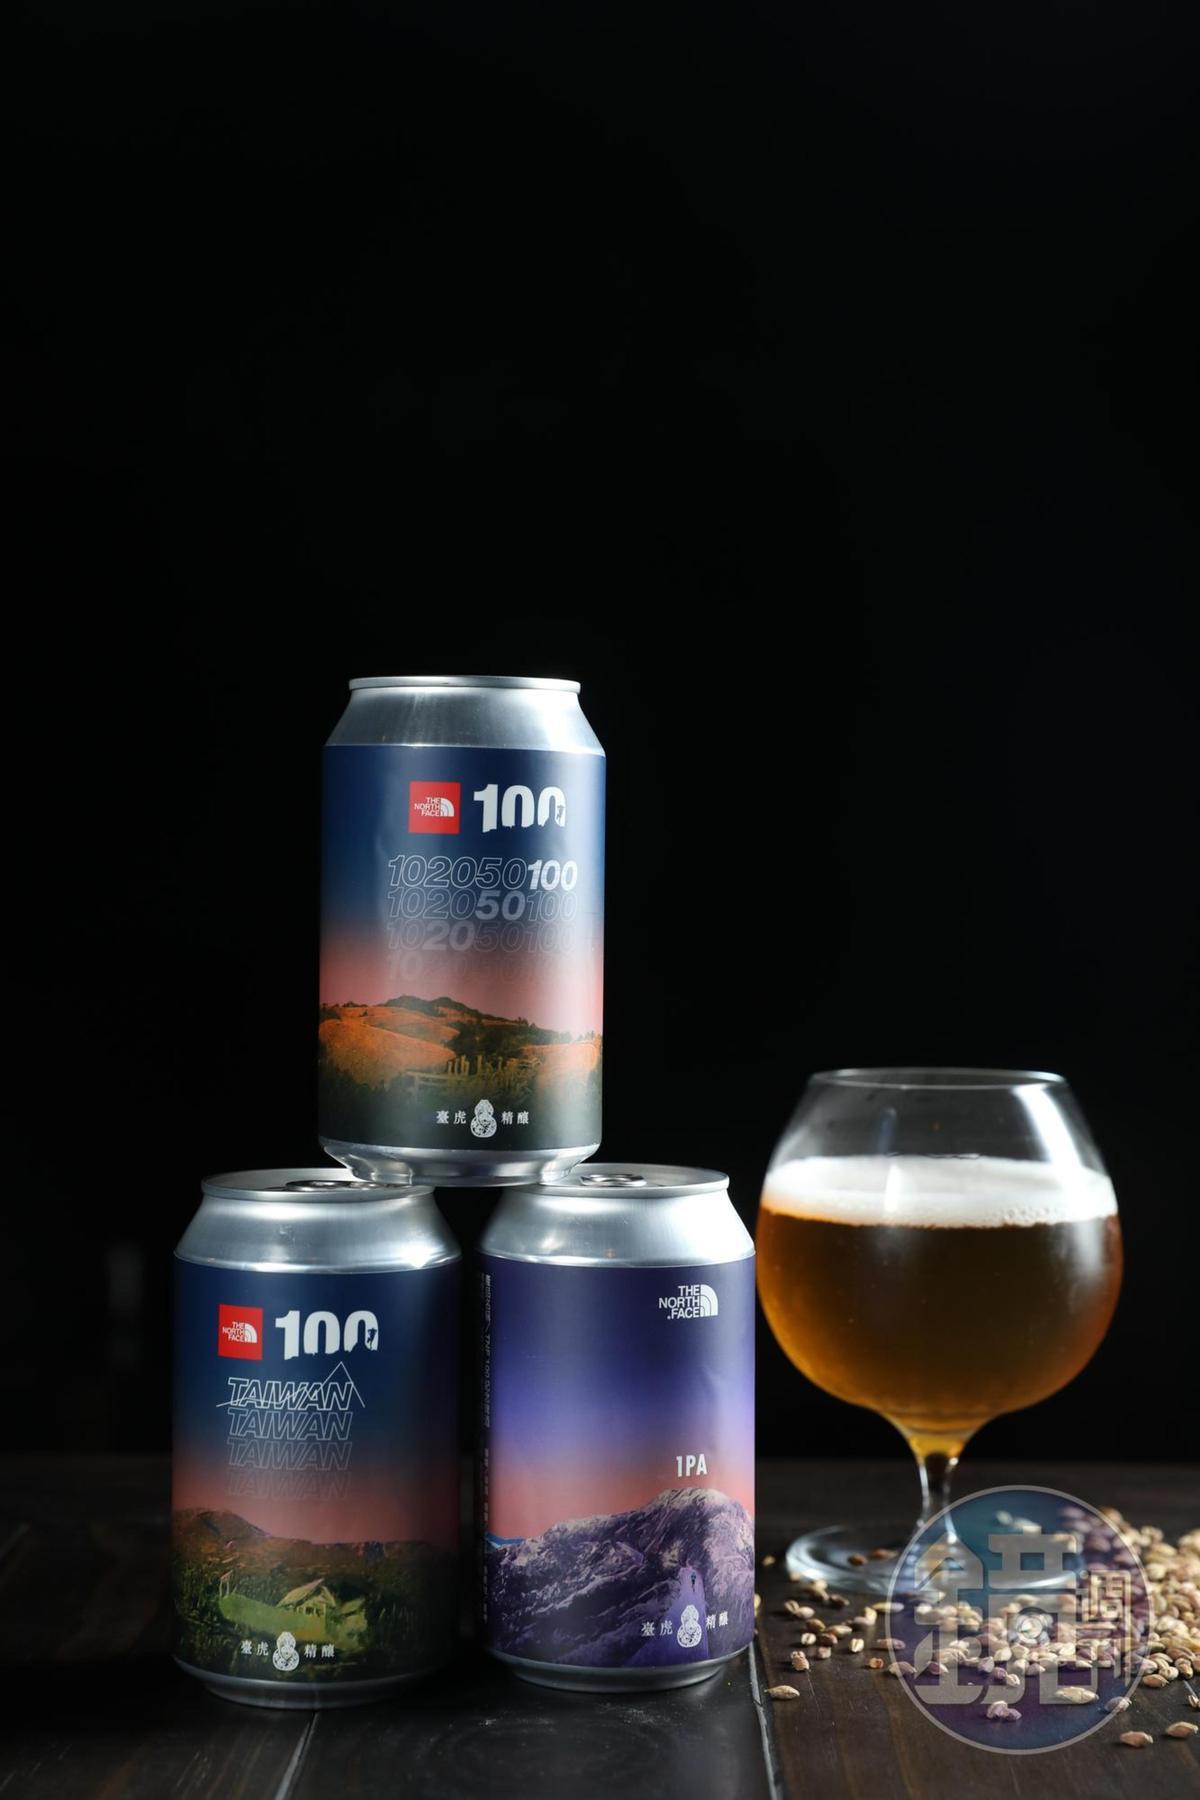 酒精濃度1%的「TNF100紀念啤酒」酒勁小,啤酒花香氣明顯,微酸明亮。(4月19日起於臺虎直營門市開賣,600元/1組4罐;4月21日於TNF100賽事現場販售)